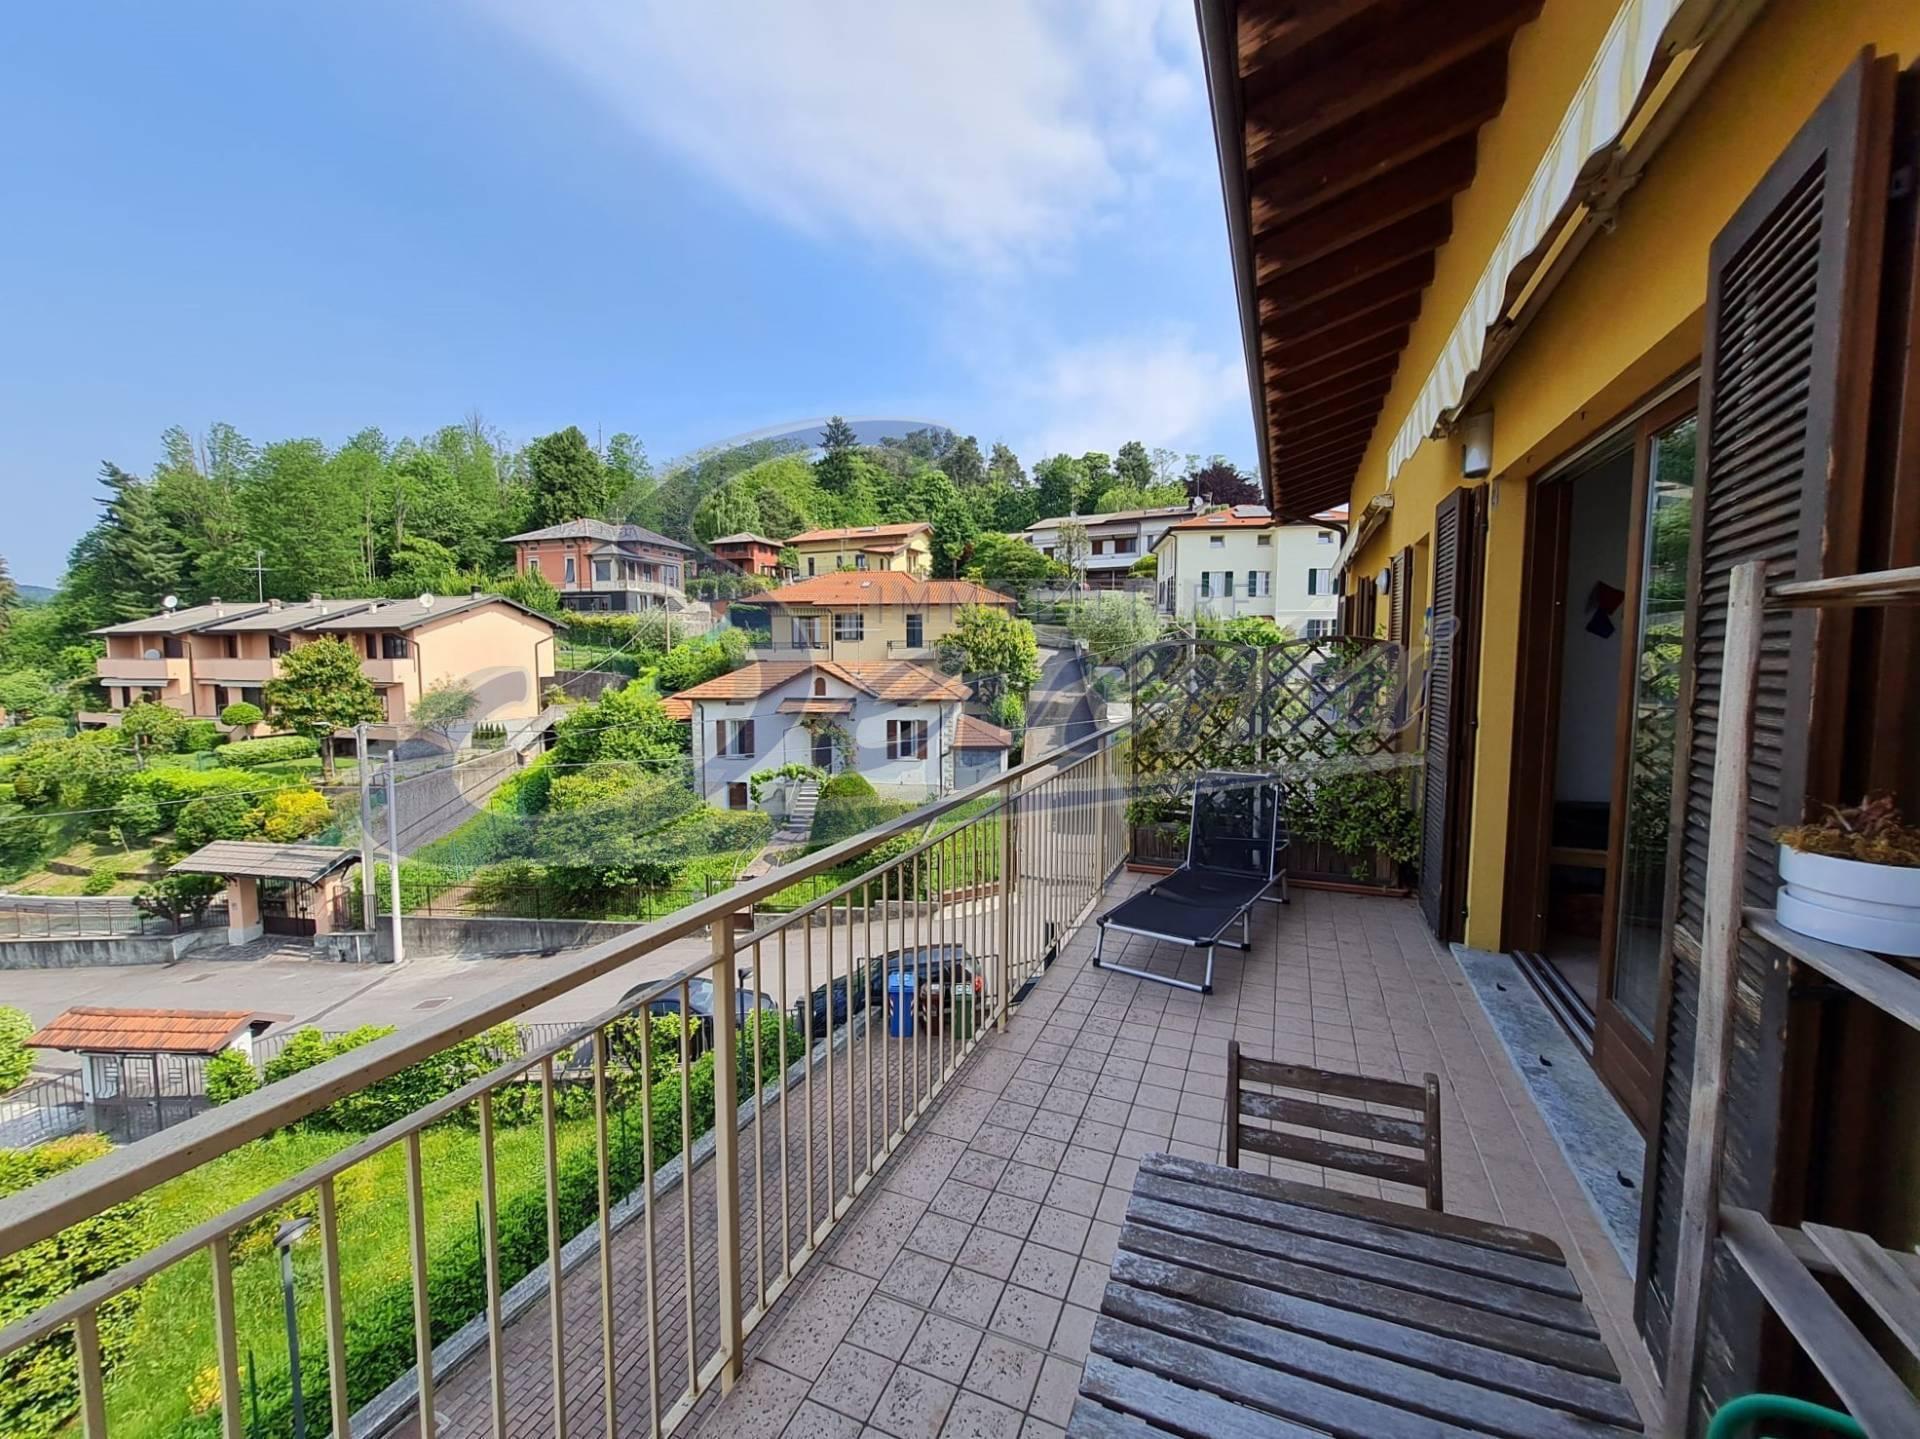 Appartamento in vendita a Como, 2 locali, prezzo € 155.000 | PortaleAgenzieImmobiliari.it